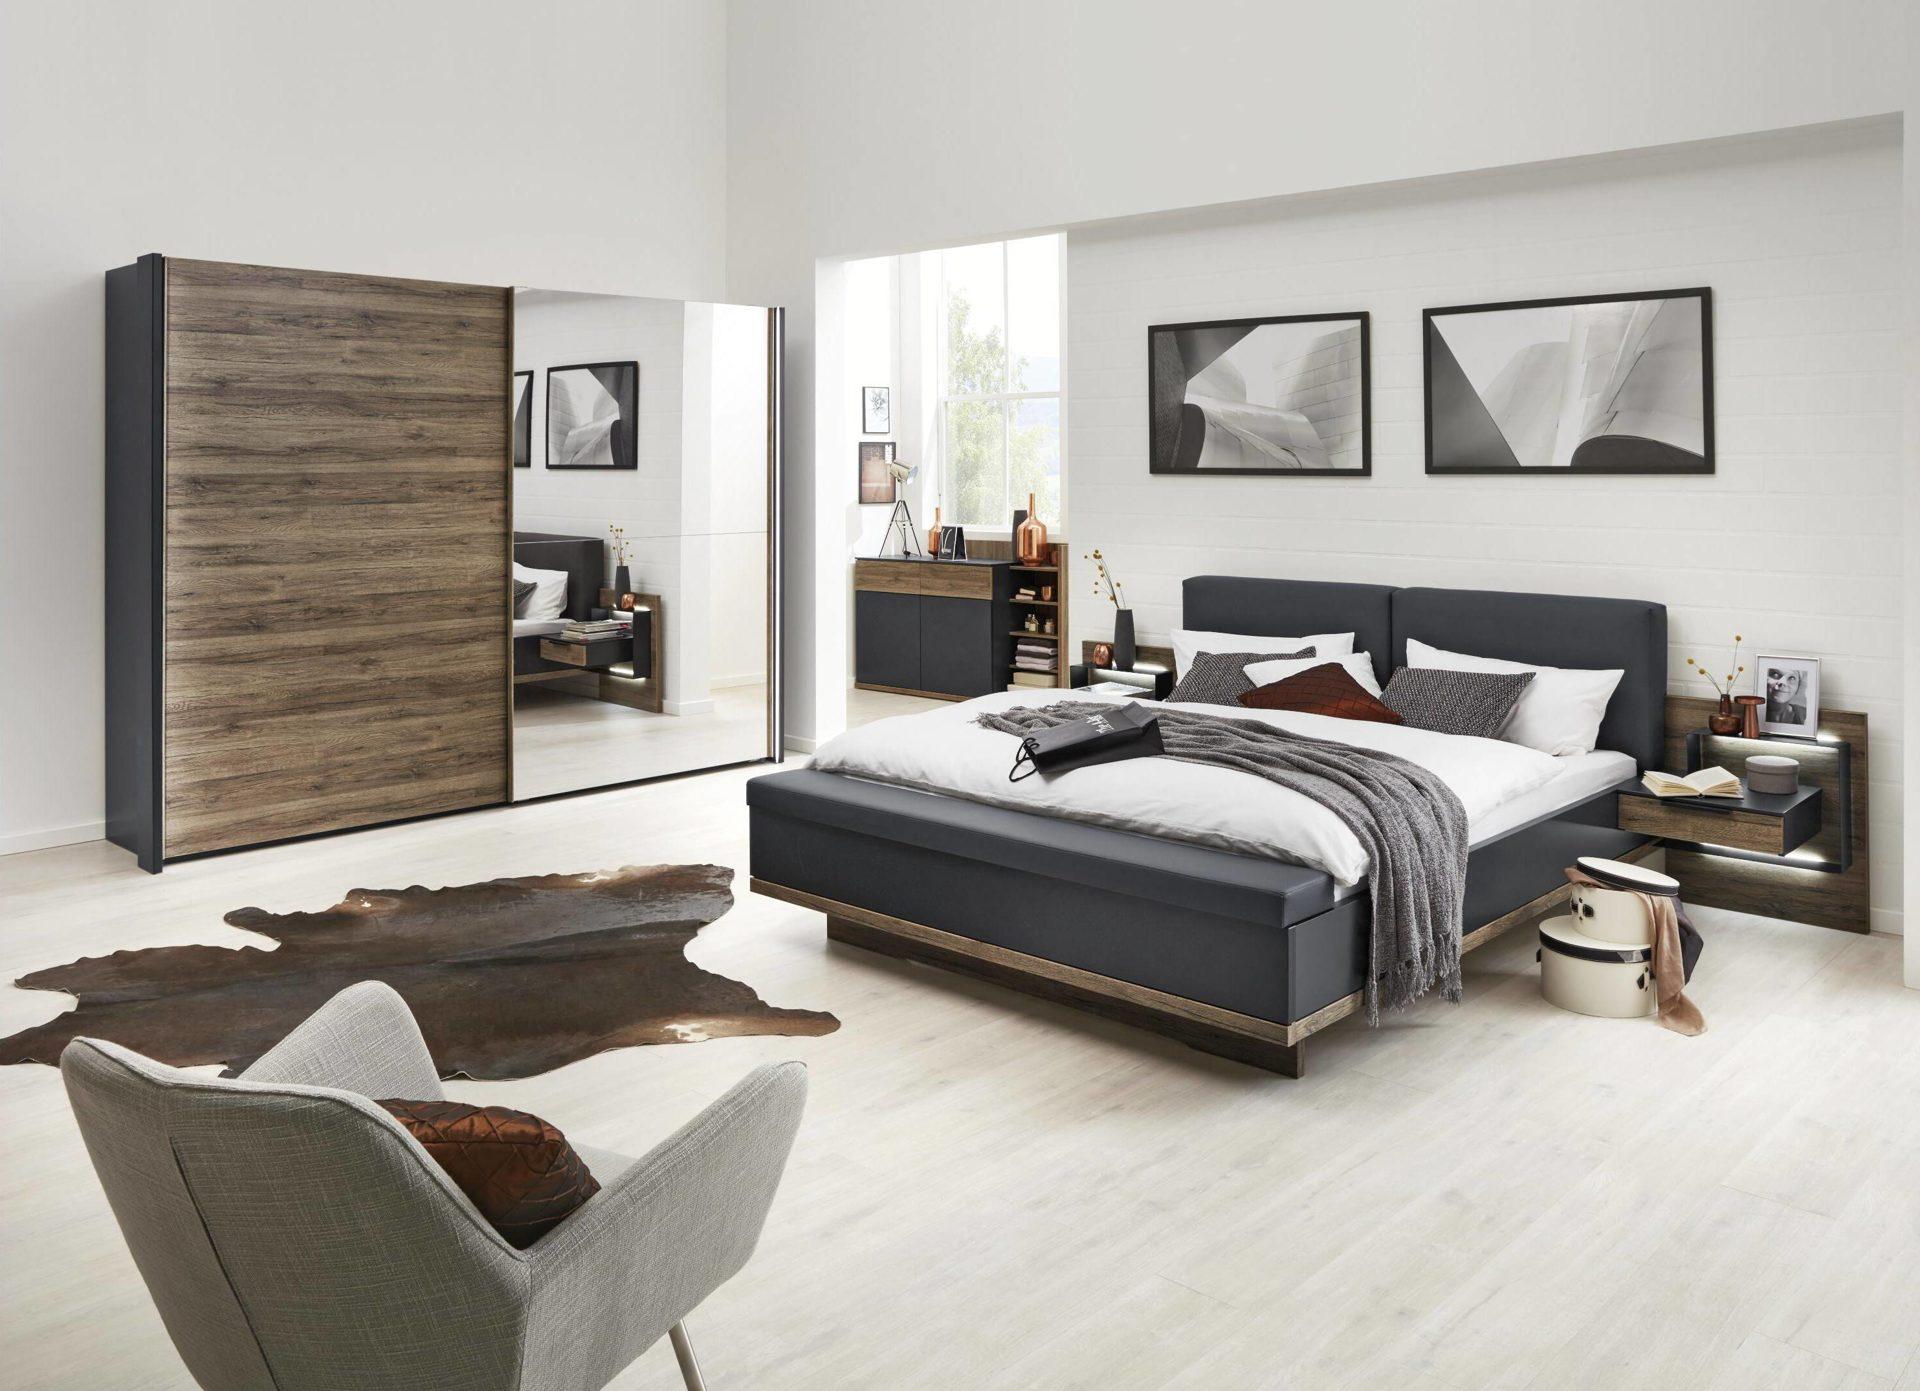 Schlafzimmer Modern Raumteiler – Caseconrad.com